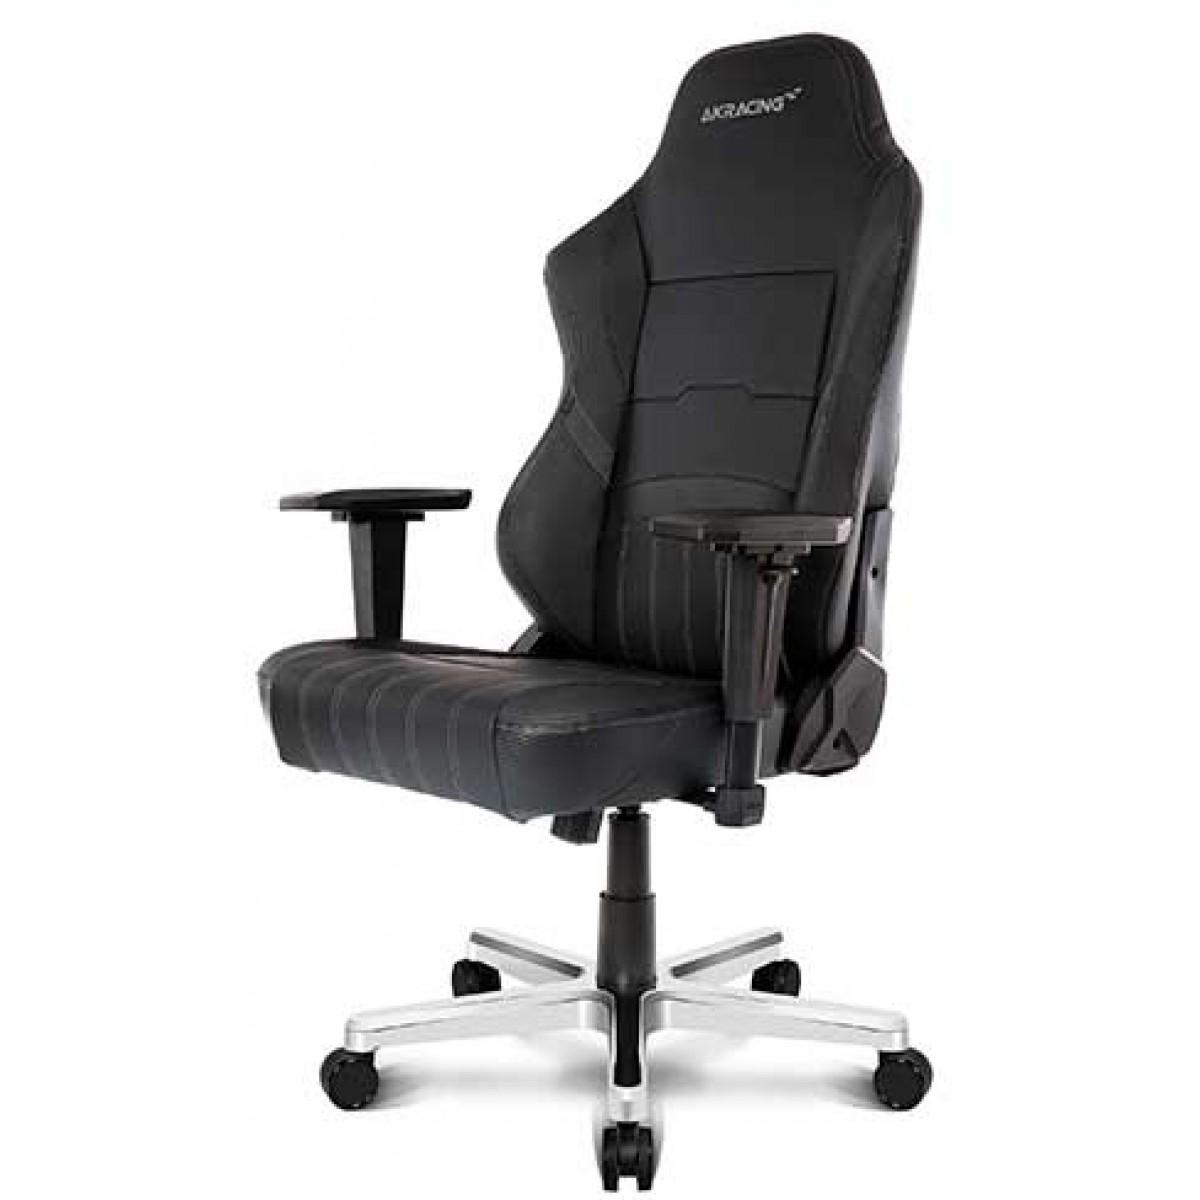 Cadeira Gamer AKRacing, Meraki, Reclinável, Preta, 11067-5